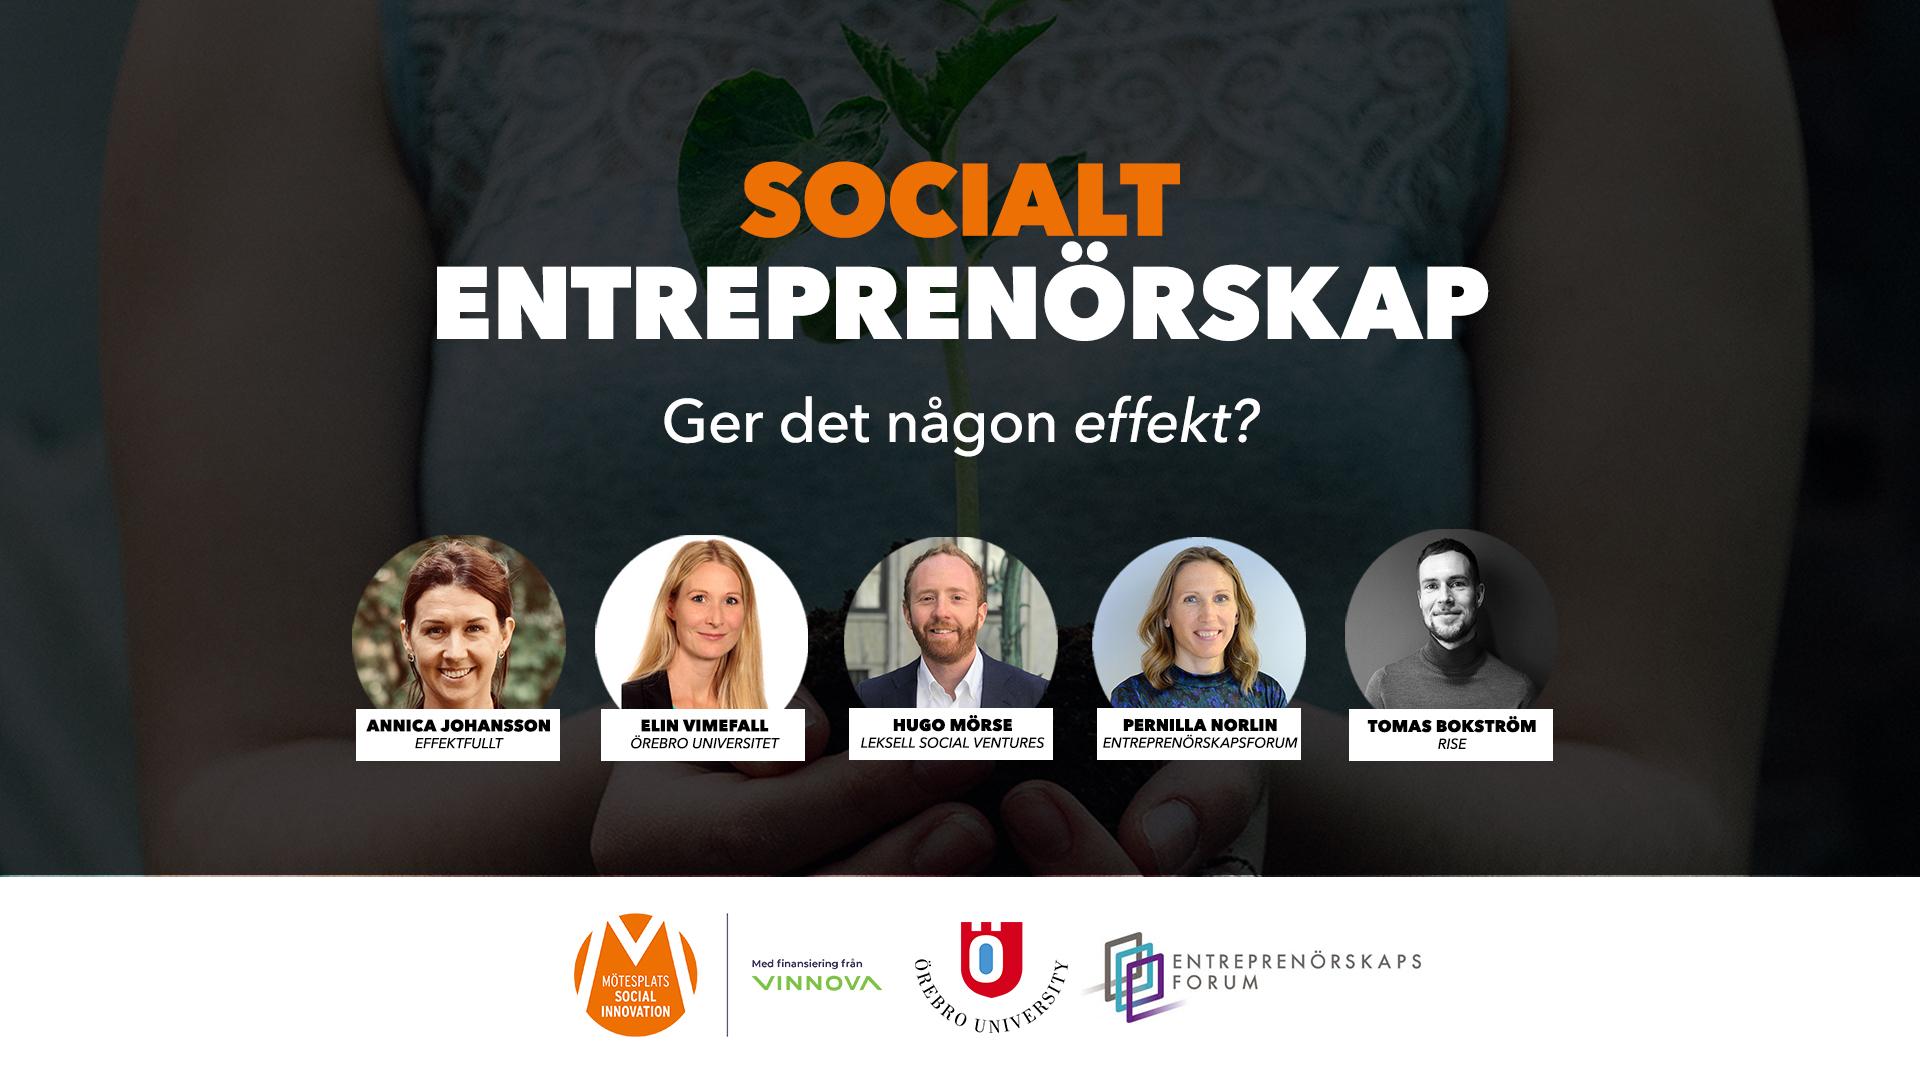 Socialt entreprenörskap – ger det någon effekt?